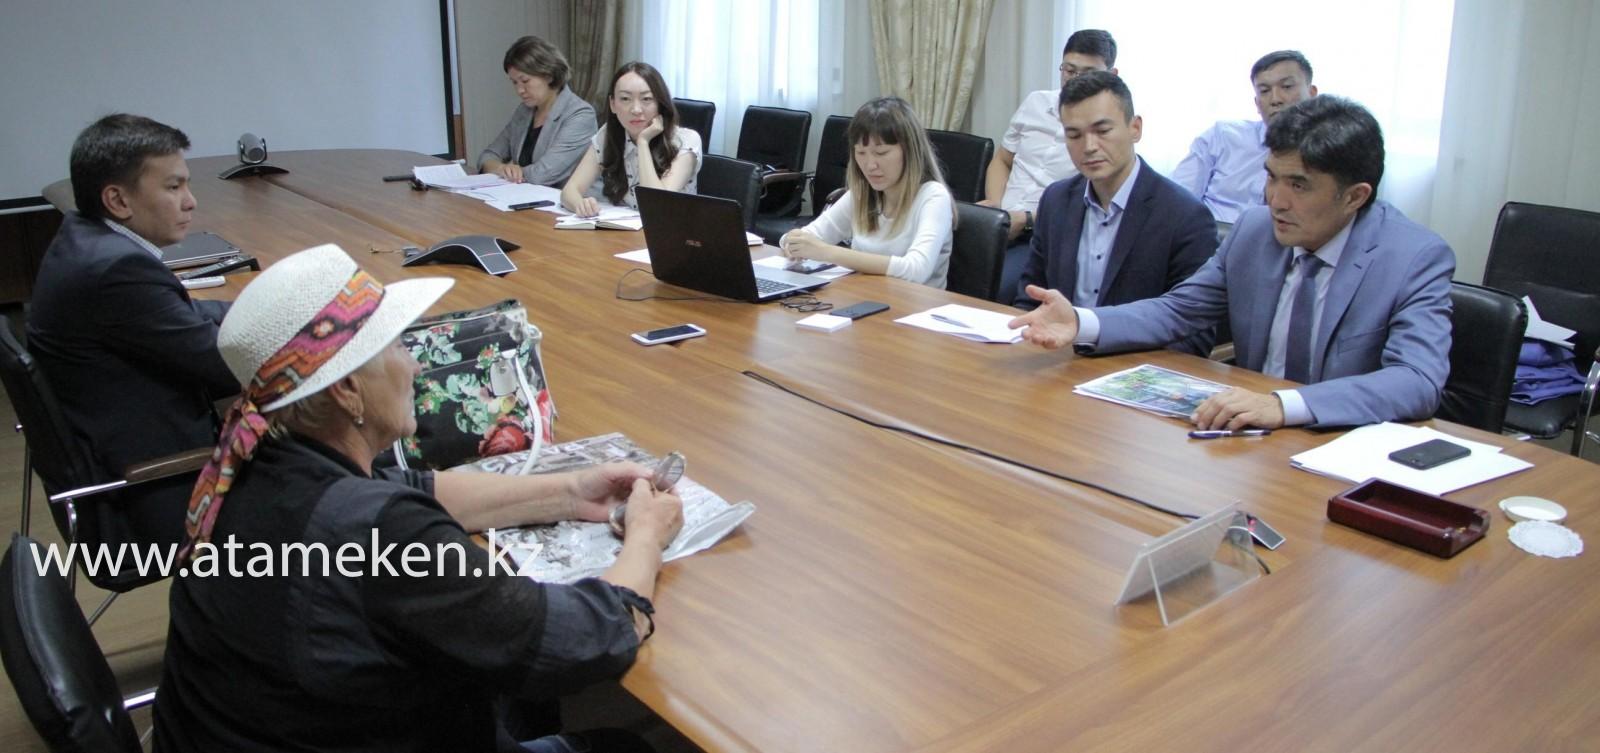 «Атамекен» принял граждан в общественной приёмной «Нур Отана»